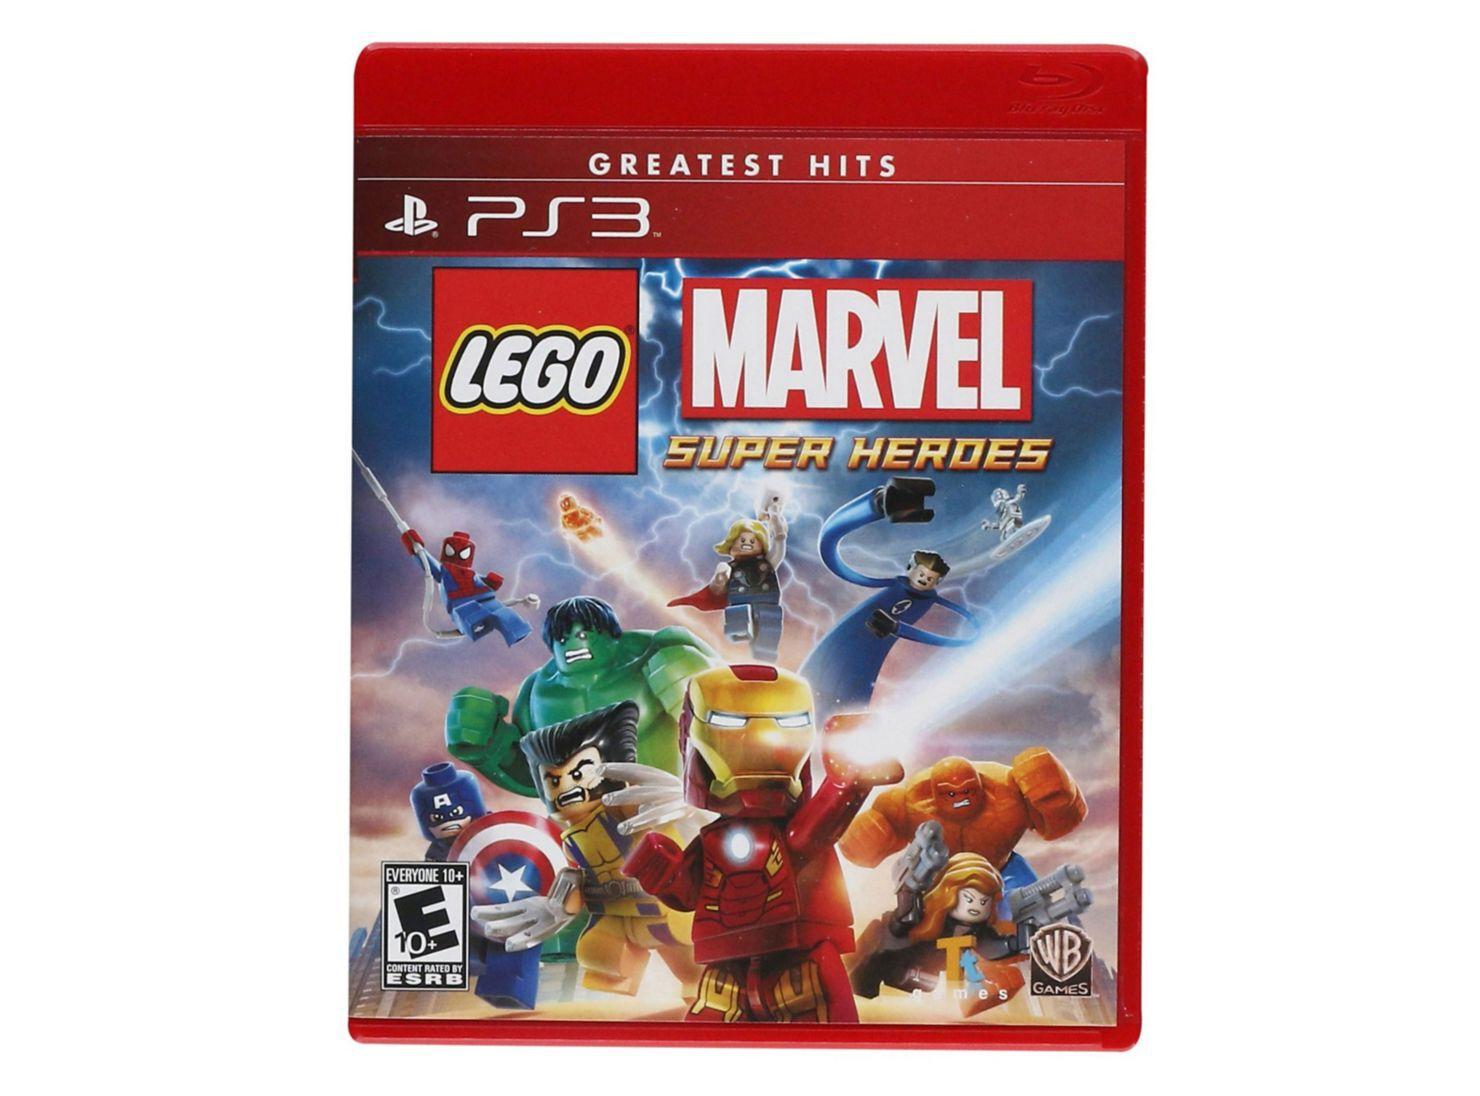 Juego Ps3 Lego Marvel Super Heroes Juegos Ps3 Paris